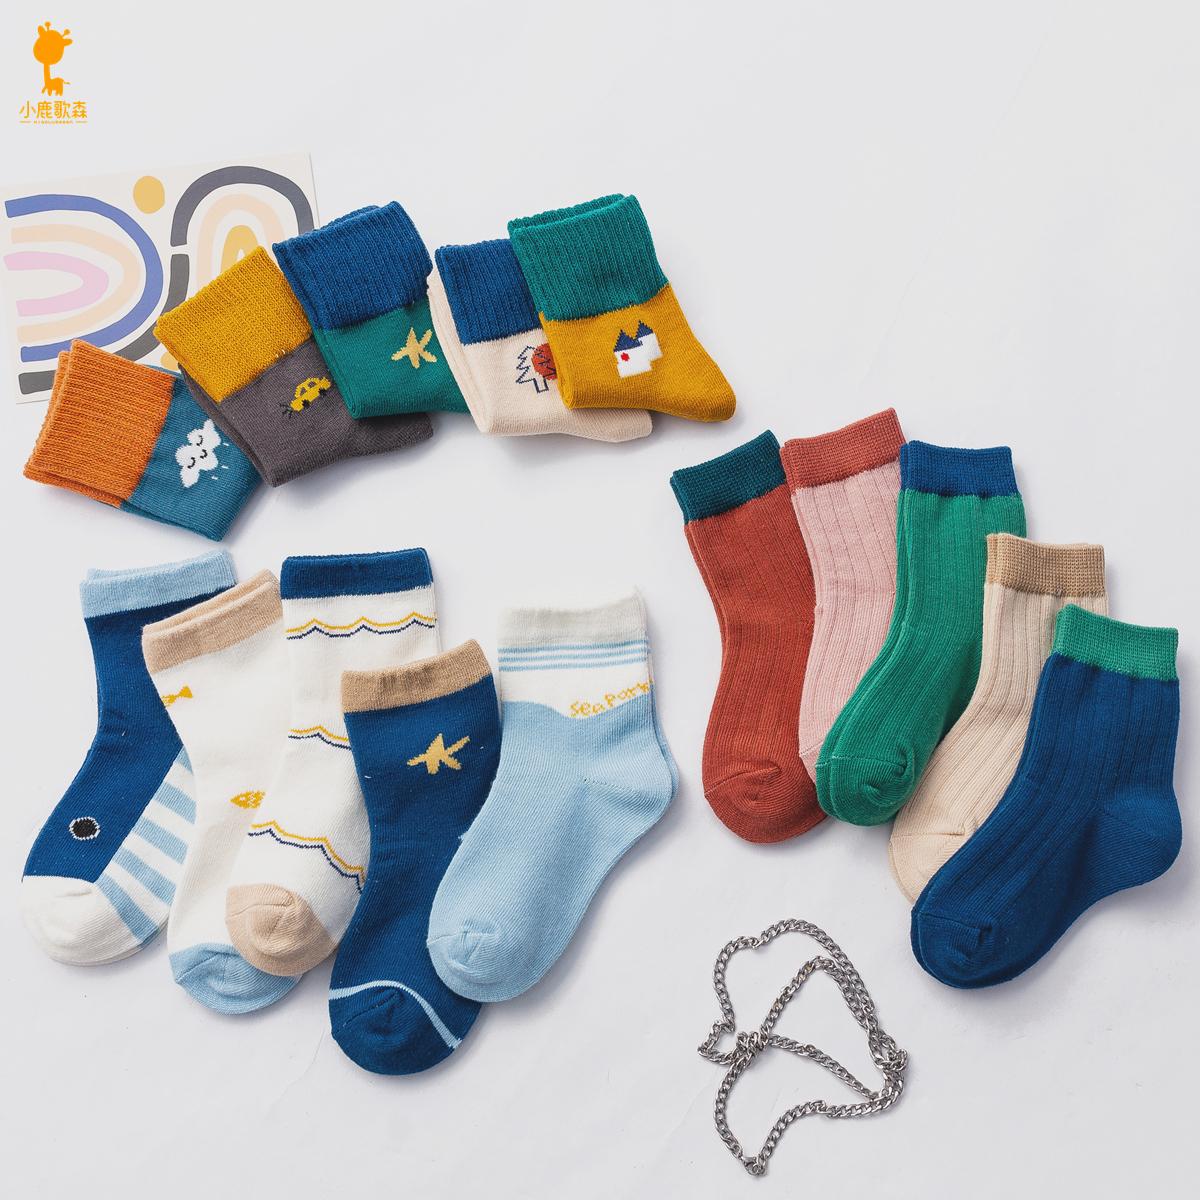 小鹿歌森2020秋冬新款宝宝袜子纯棉婴儿儿童中筒袜学院风竖条纹袜